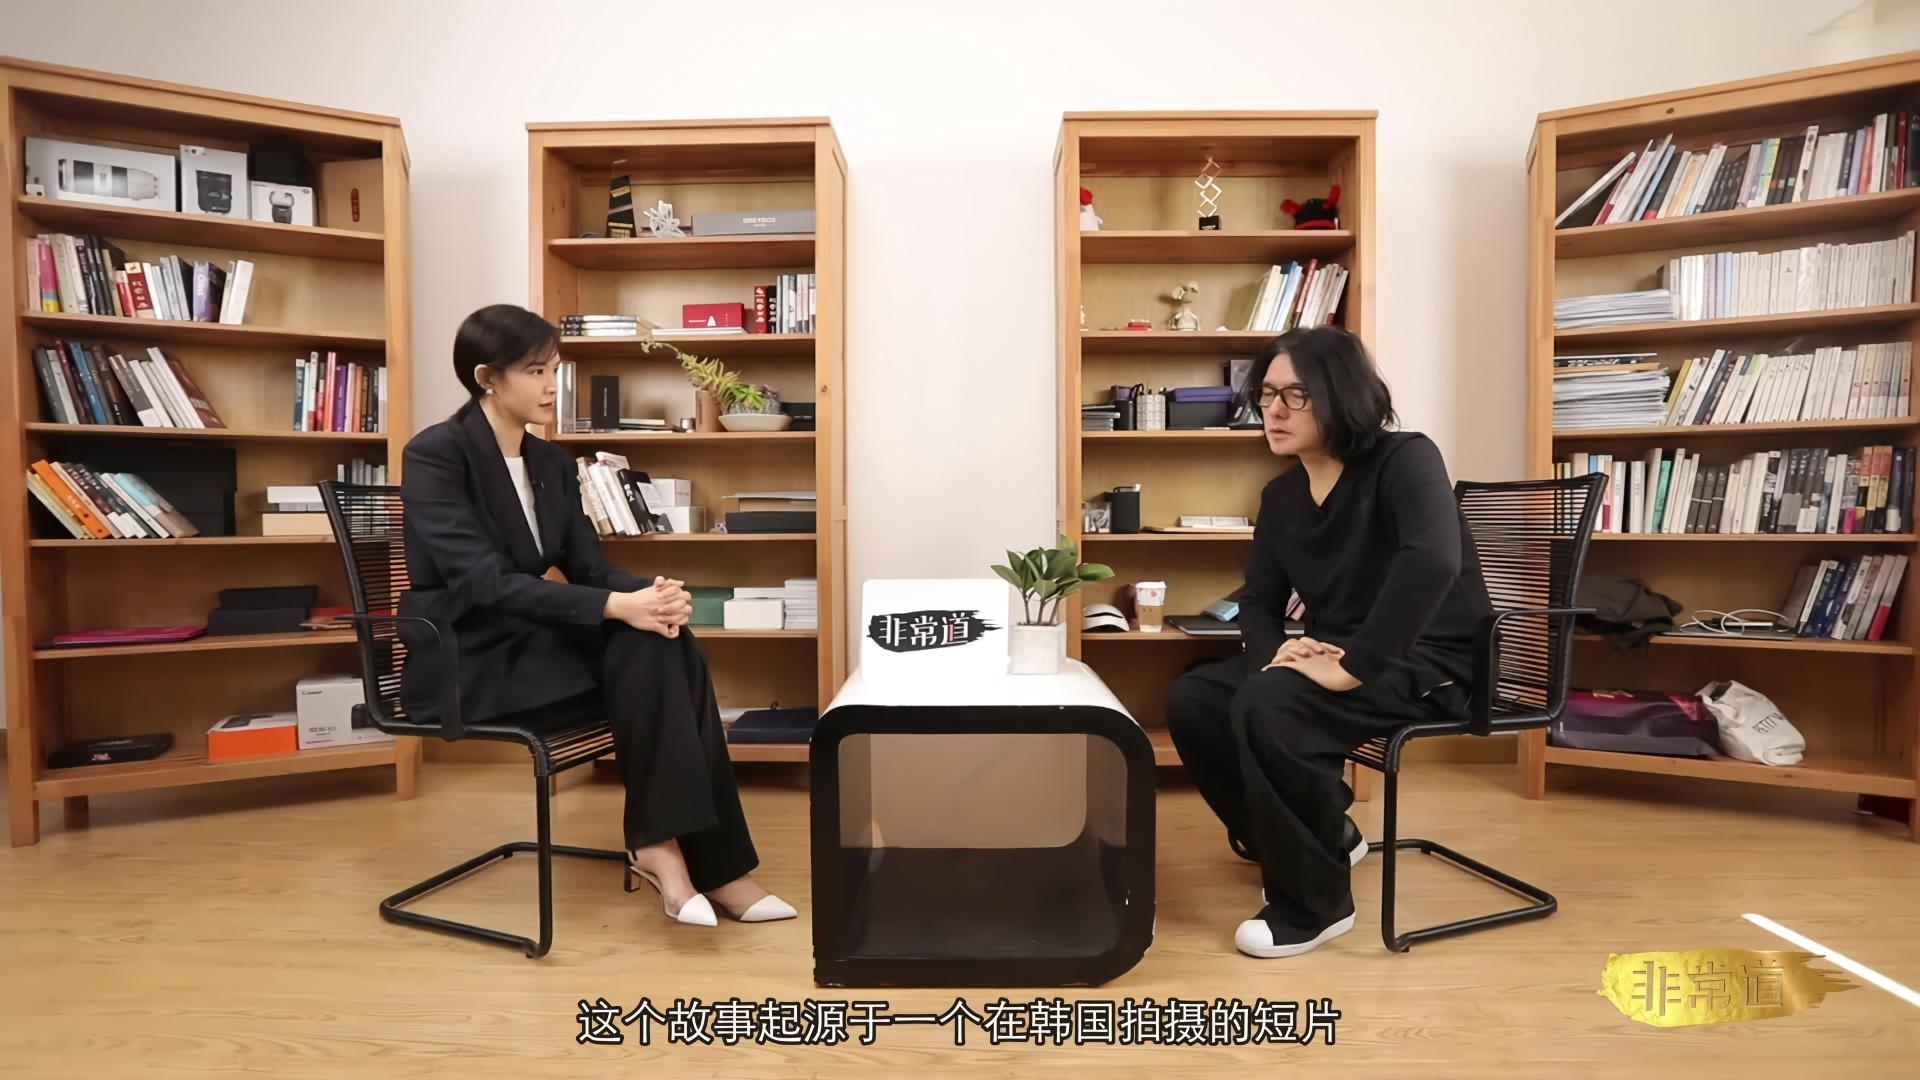 [非常道]岩井俊二:日本亲子关系近会被质疑,羡慕中国人